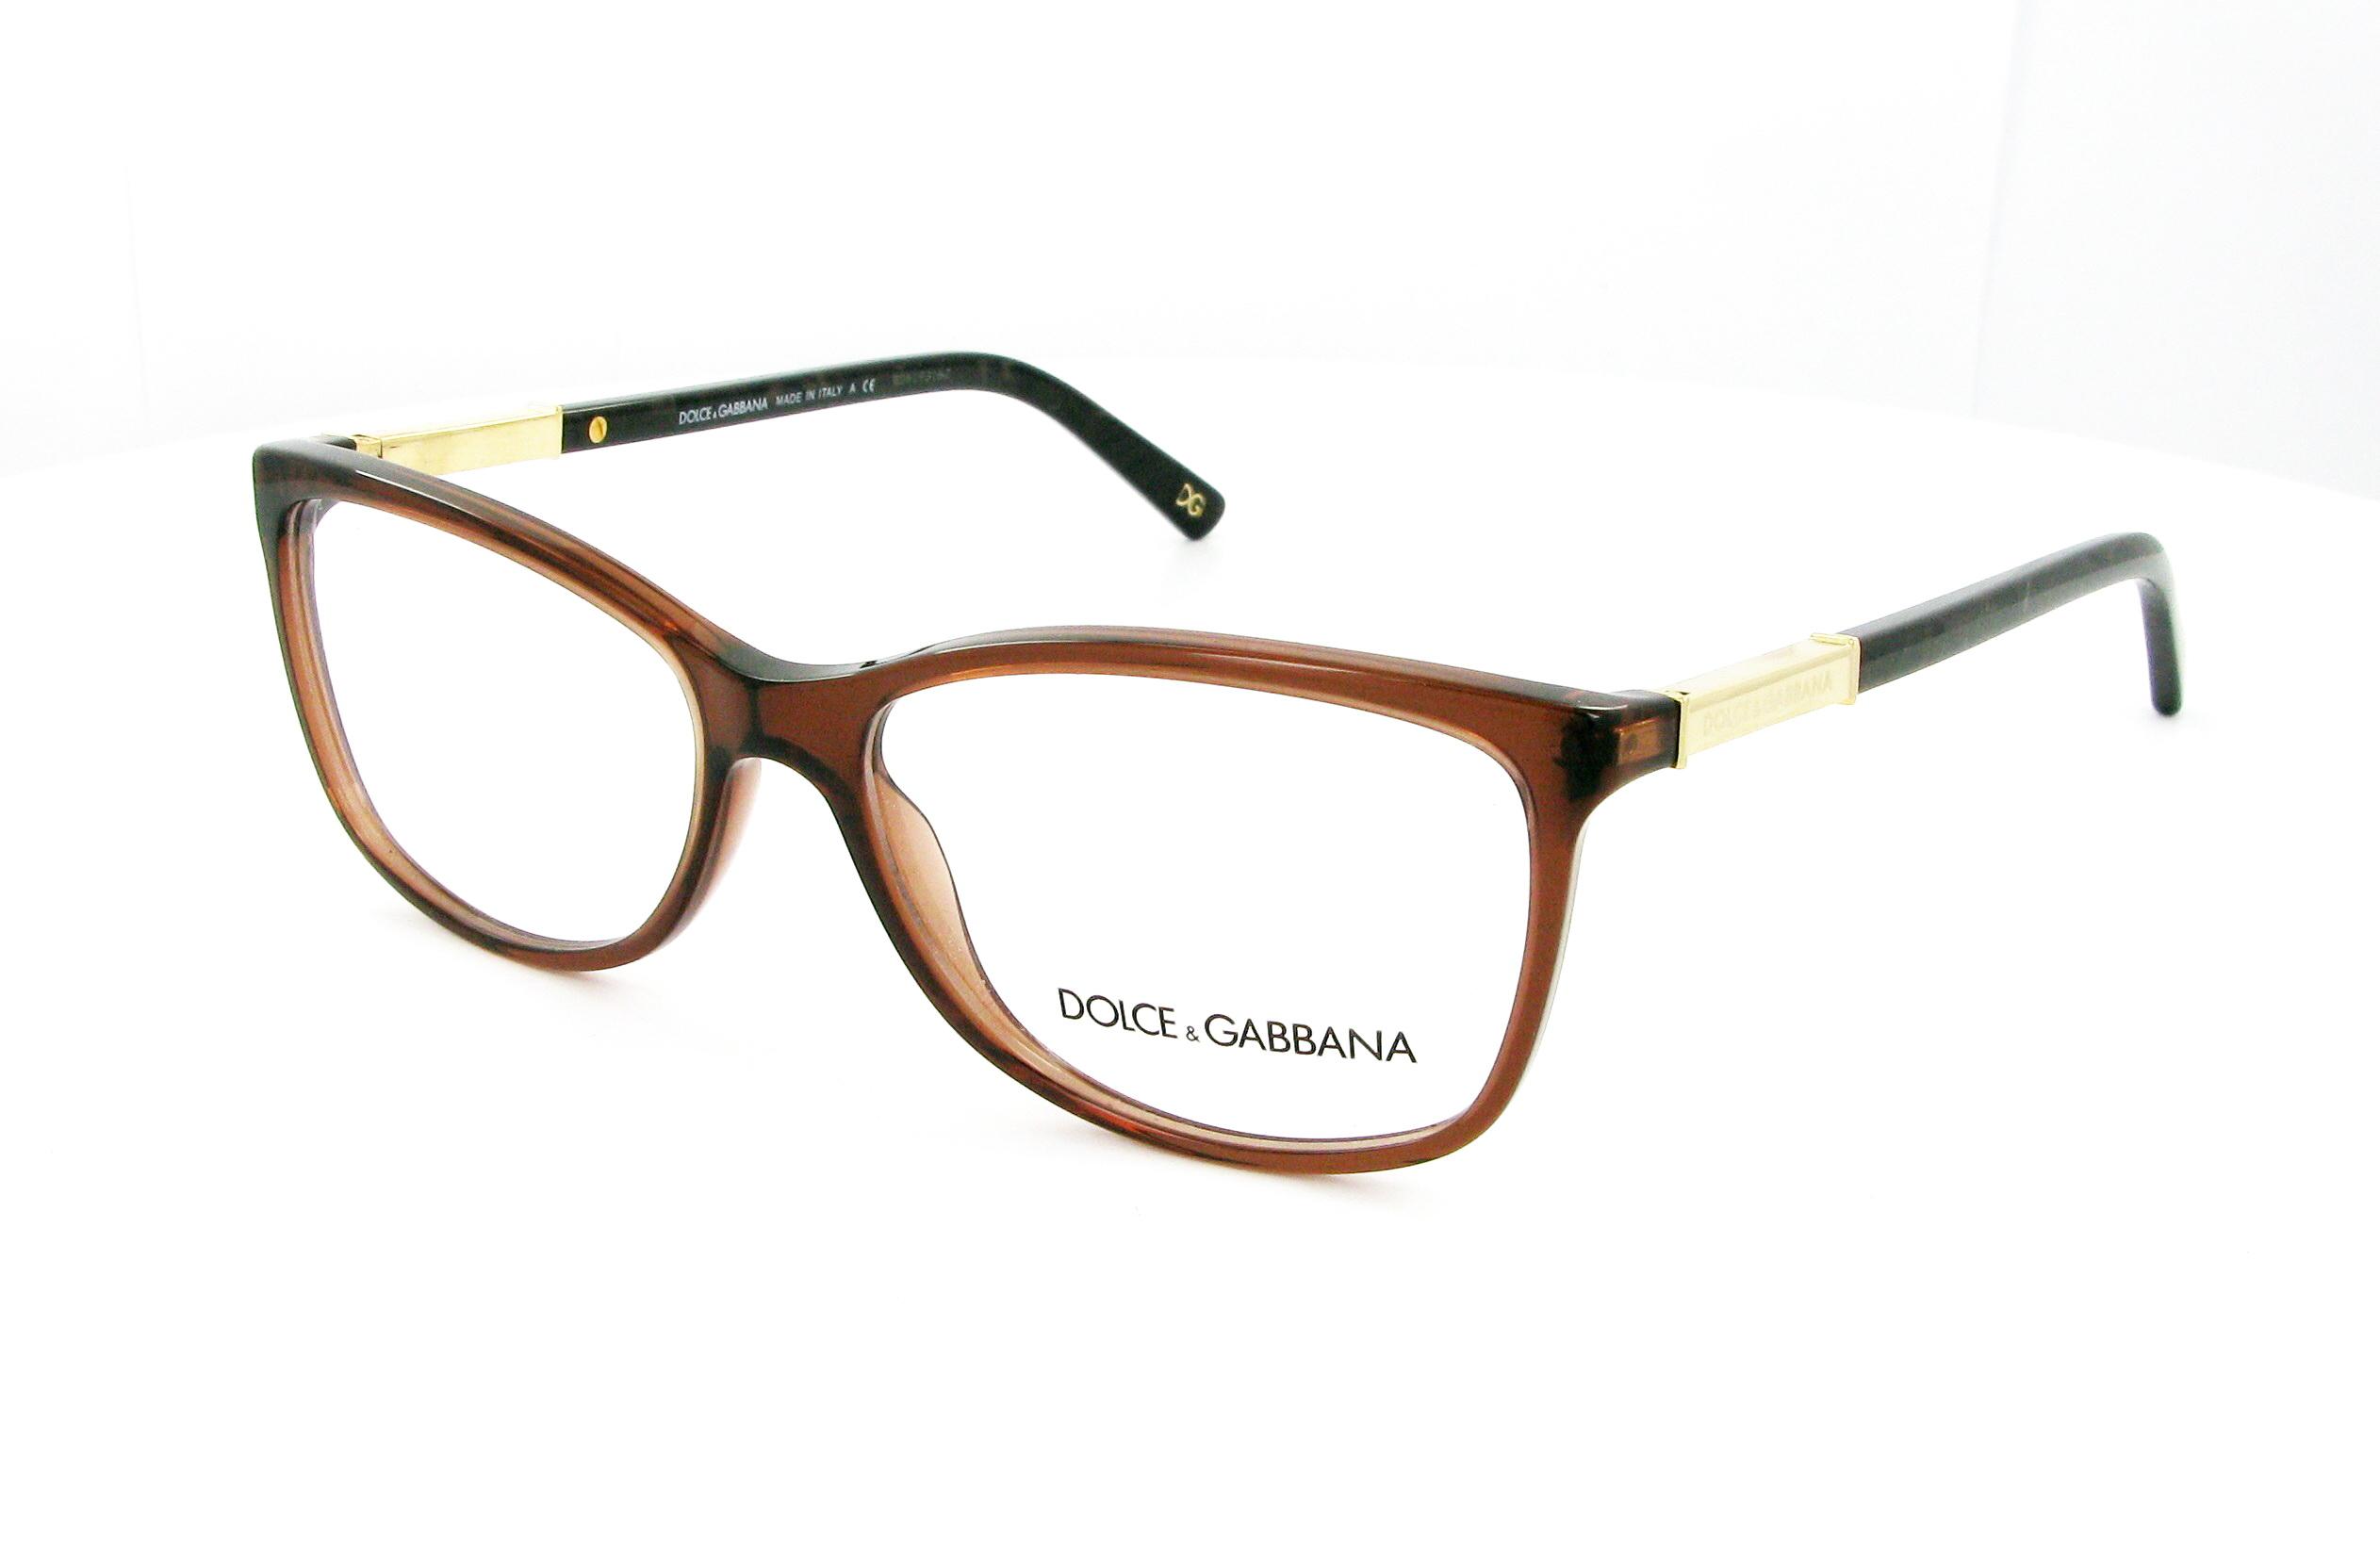 lunettes de vue dolce gabbana dg 3107 2542 54 15 femme marron transparent rectangle cercl e. Black Bedroom Furniture Sets. Home Design Ideas